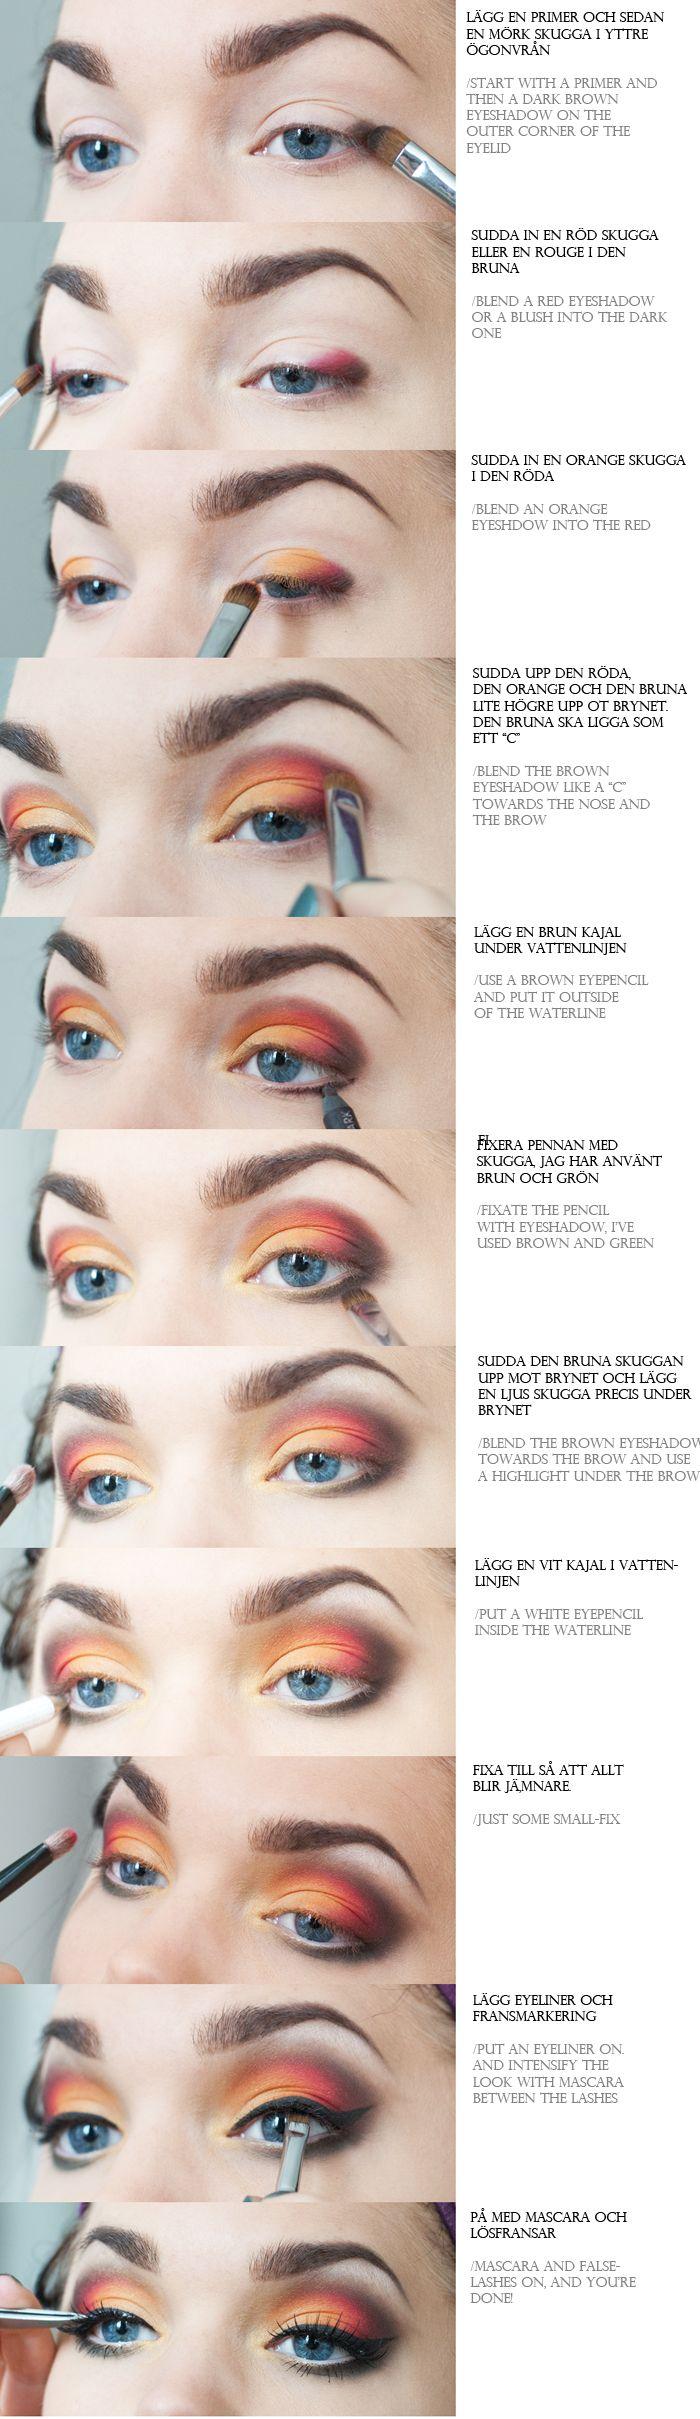 Sunset Eyes -- http://nyheter24.se/modette/lindahallberg/files/2012/10/tr%C3%A4d-tut.jpg